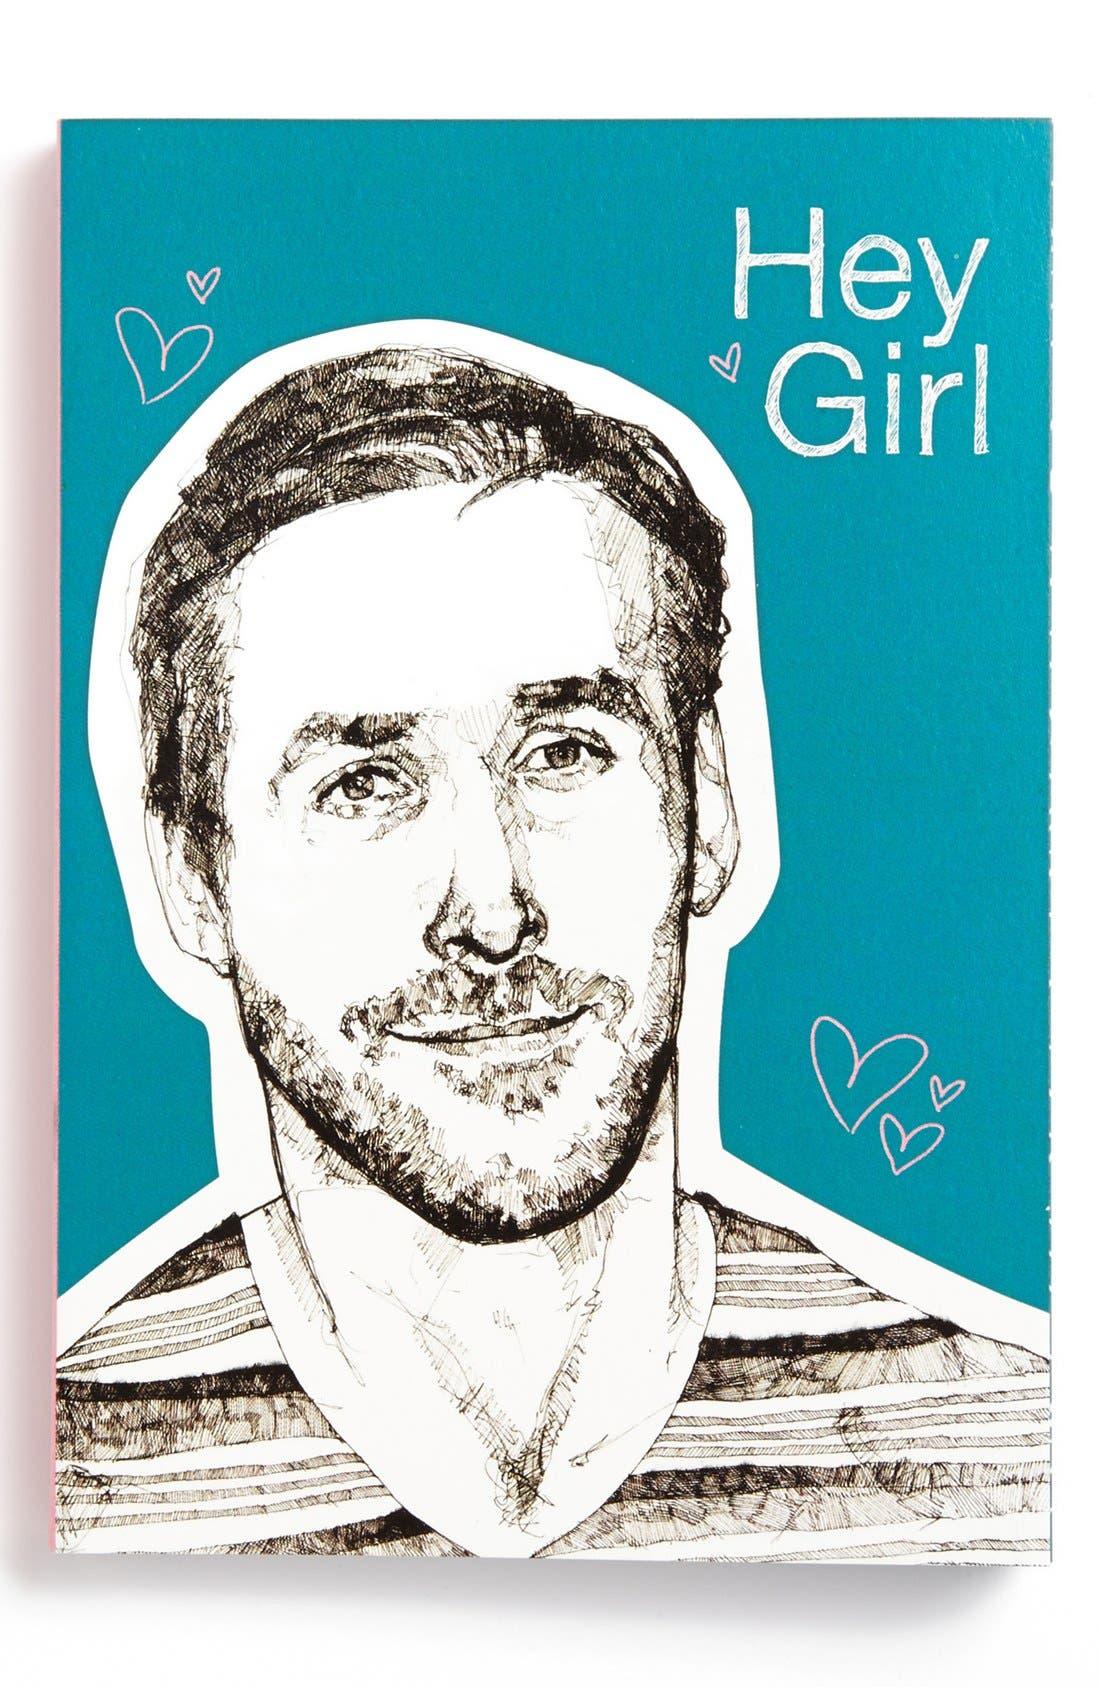 Alternate Image 1 Selected - Chronicle Books 'Hey Girl' Journal